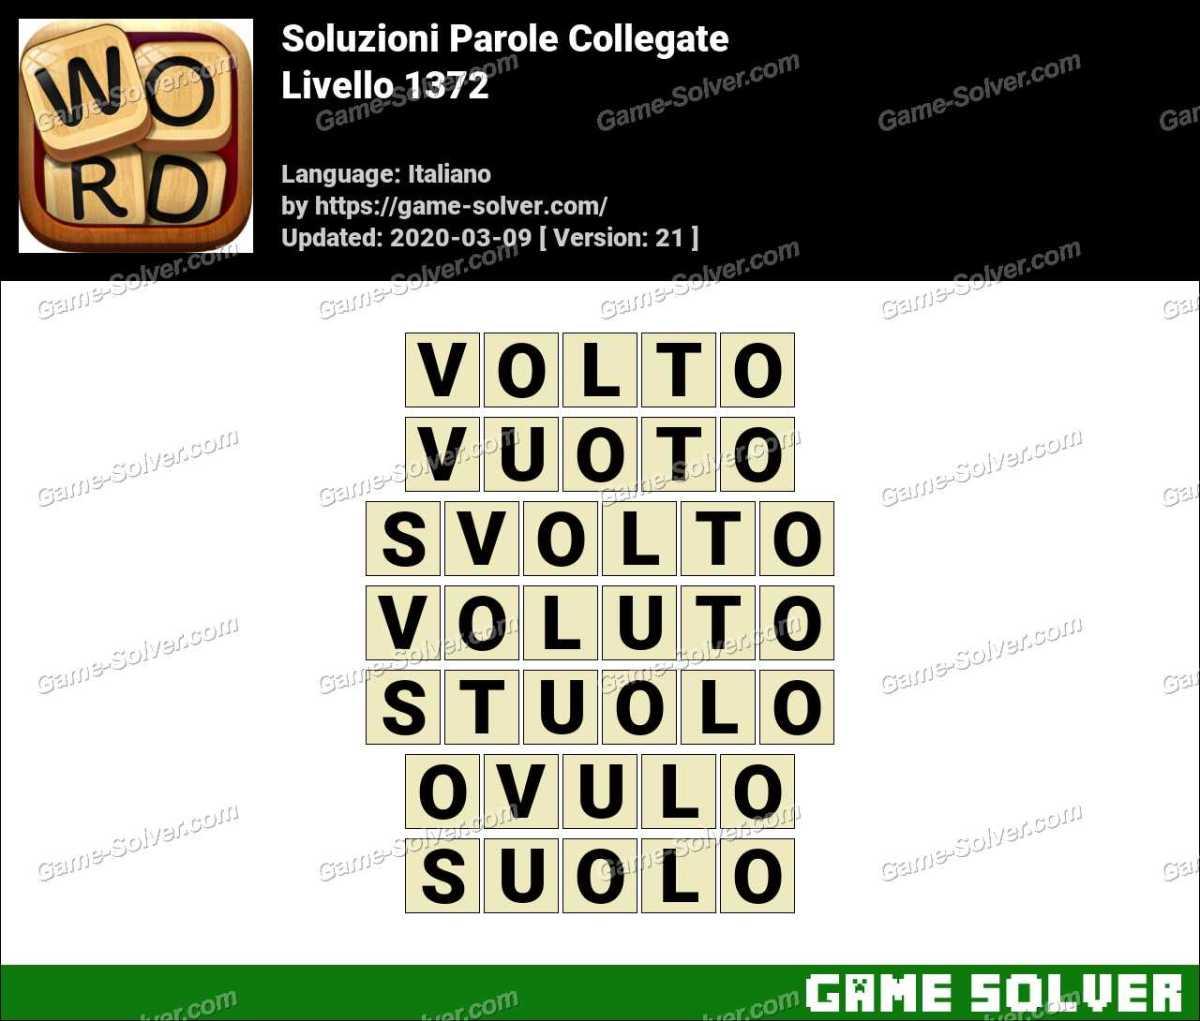 Soluzioni Parole Collegate Livello 1372